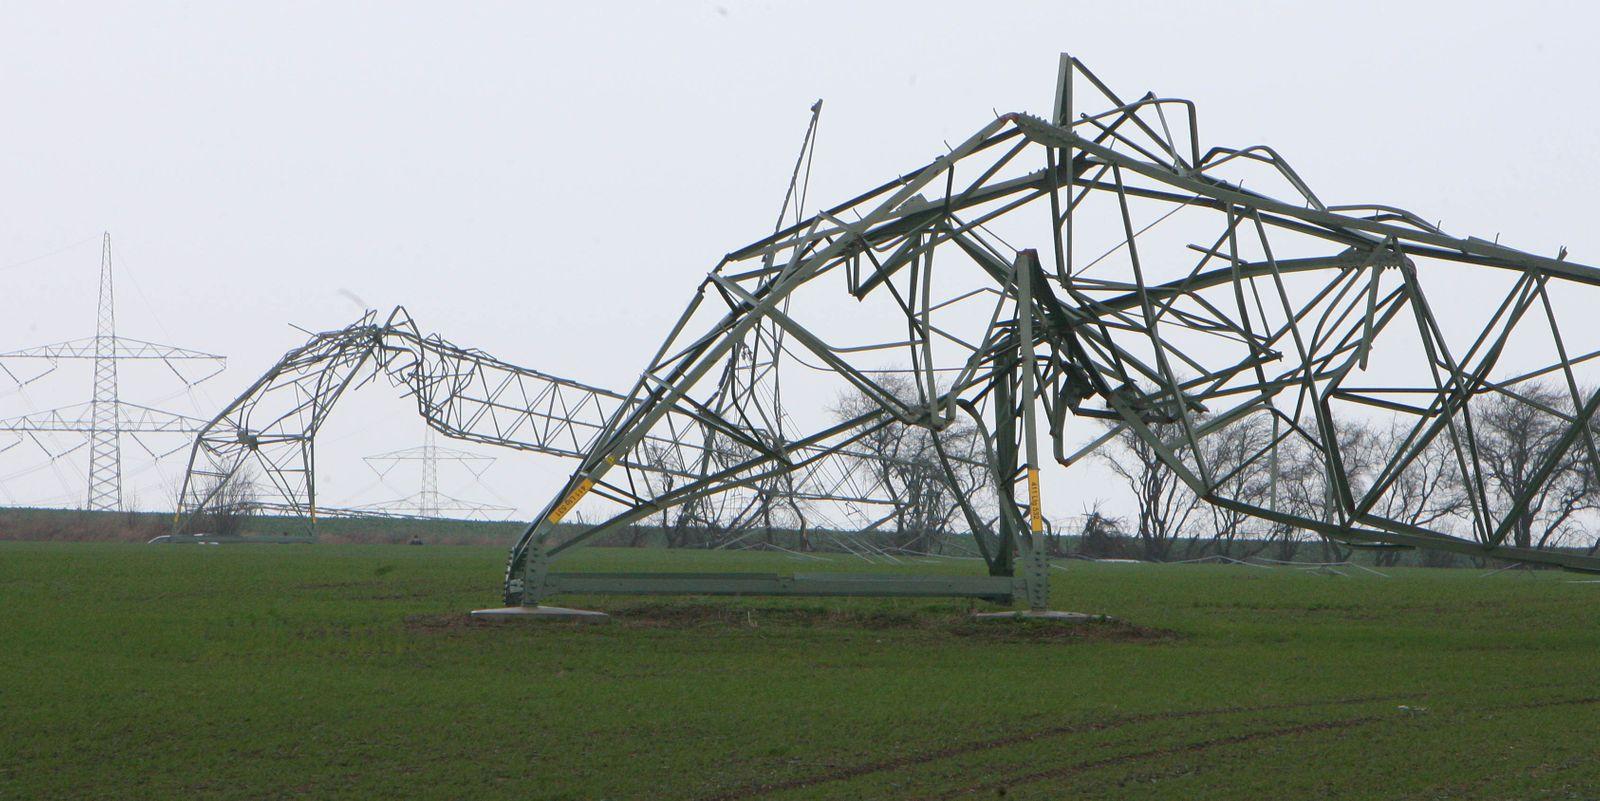 Orkan - Strommasten umgeknickt